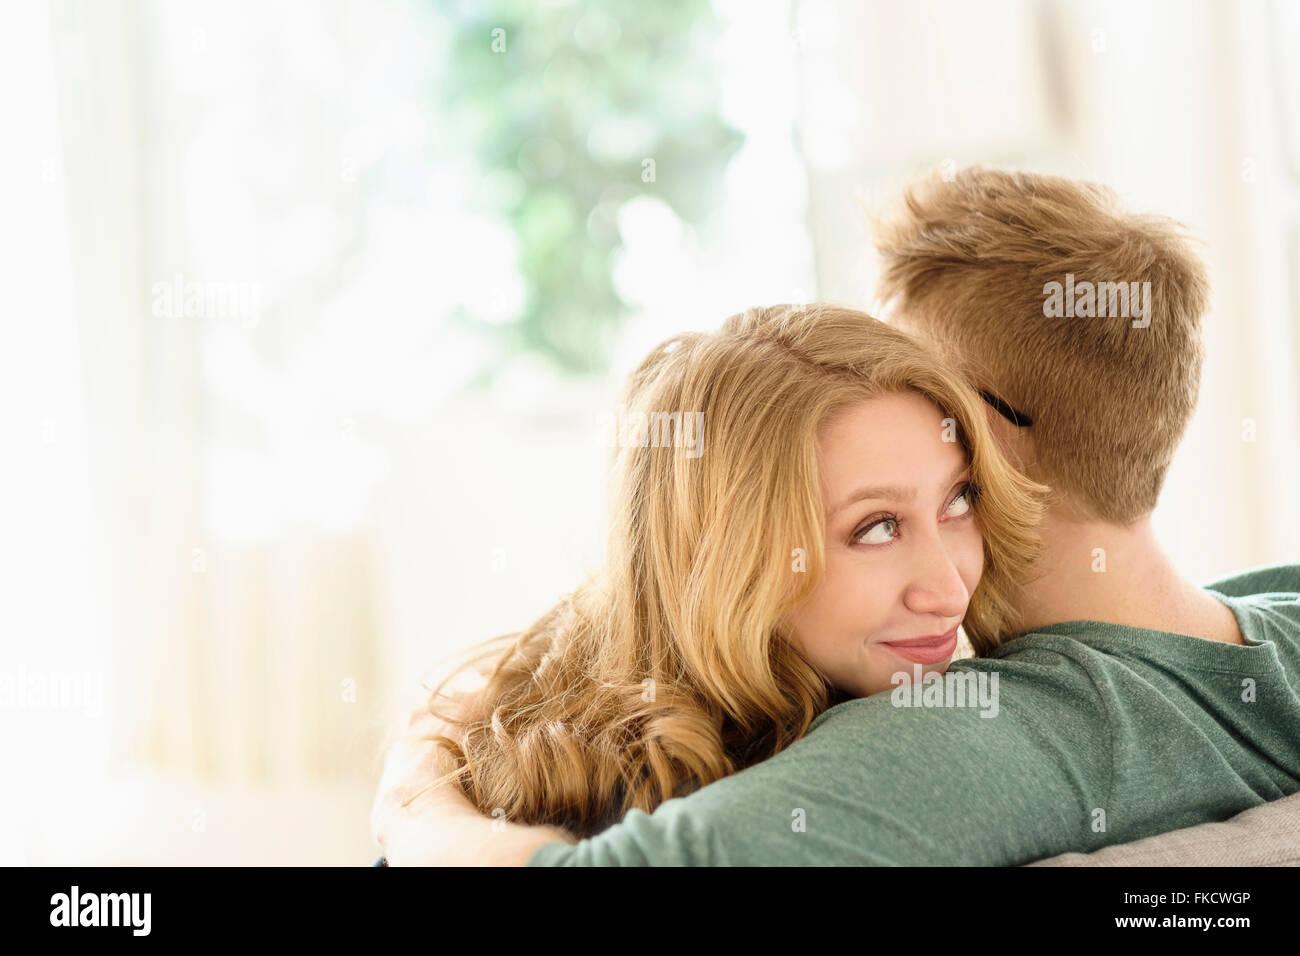 Giovane donna che guarda oltre il ragazzo della spalla Immagini Stock